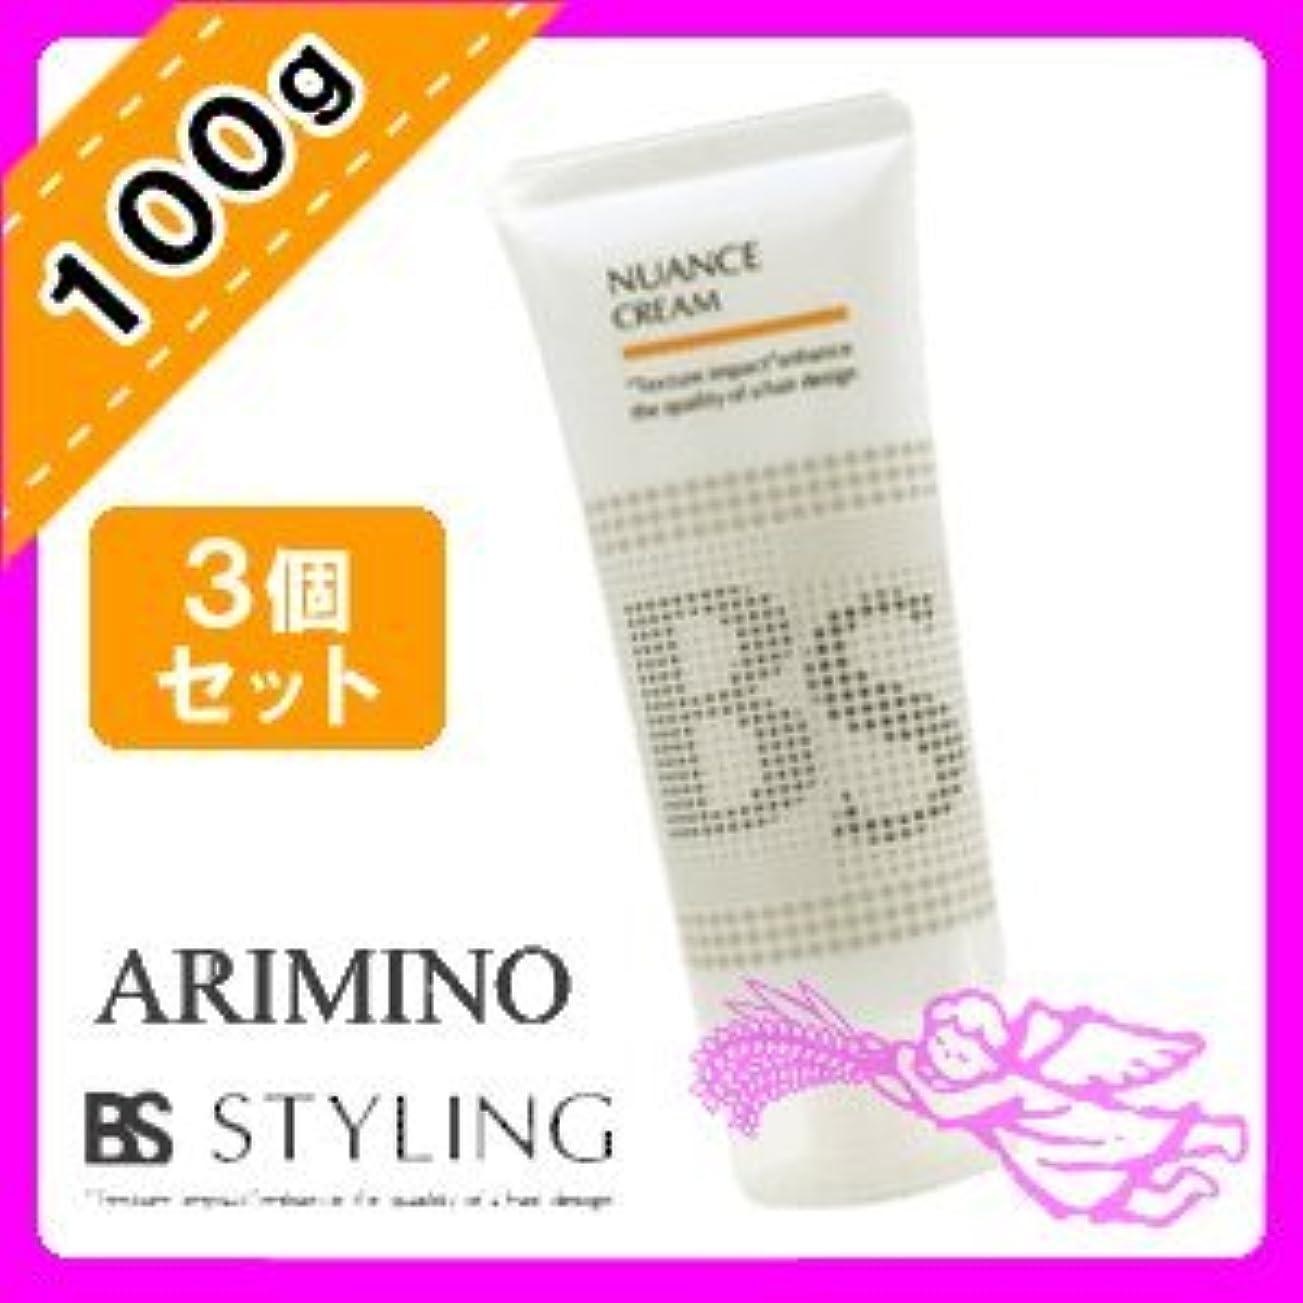 アリミノ BSスタイリング ニュアンス クリーム 100g x 3個 セット arimino BS STYLING